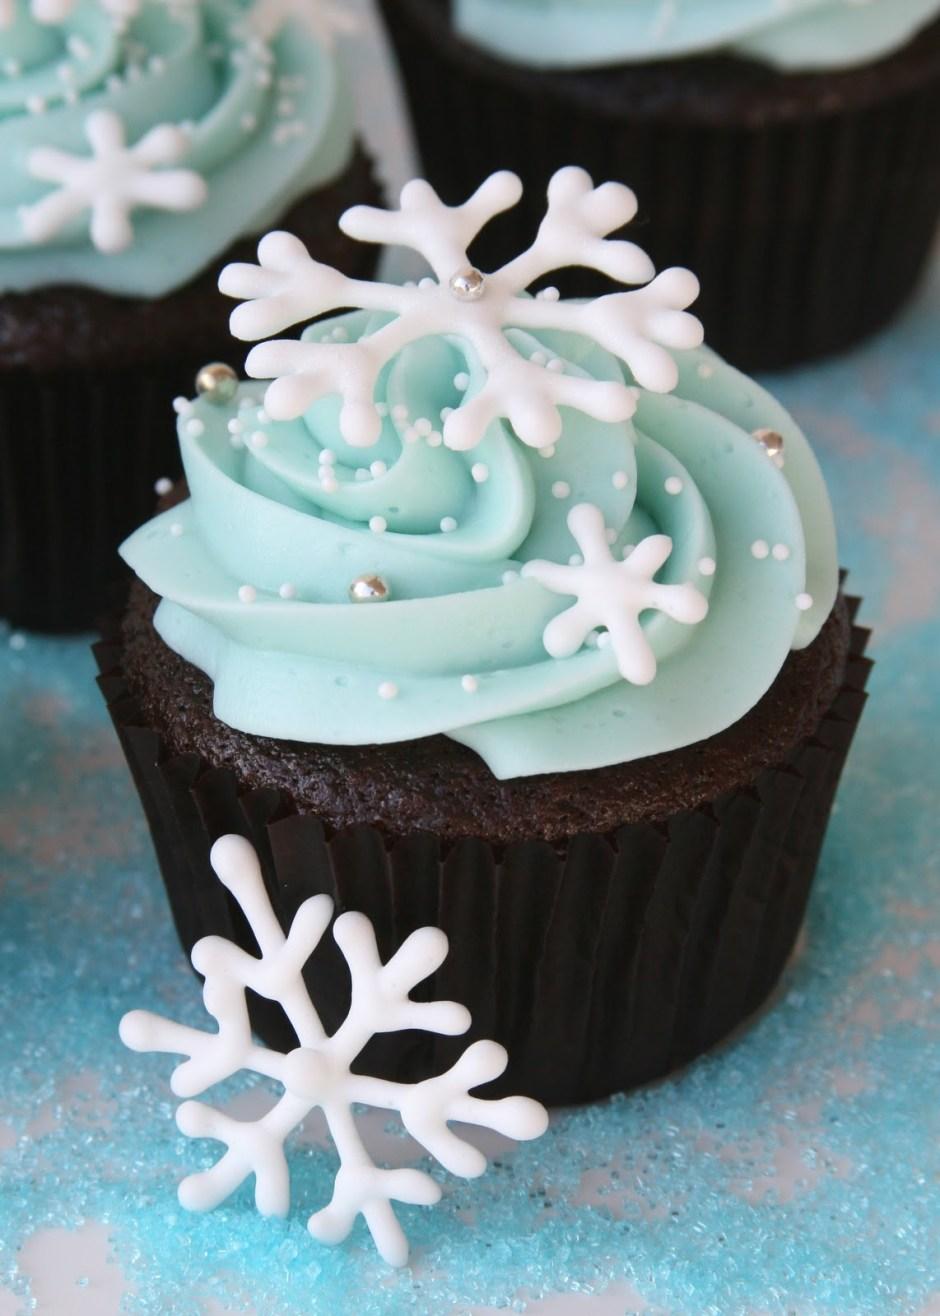 Chocolate Snowflake Cupcakes « GoodCupcakes.com